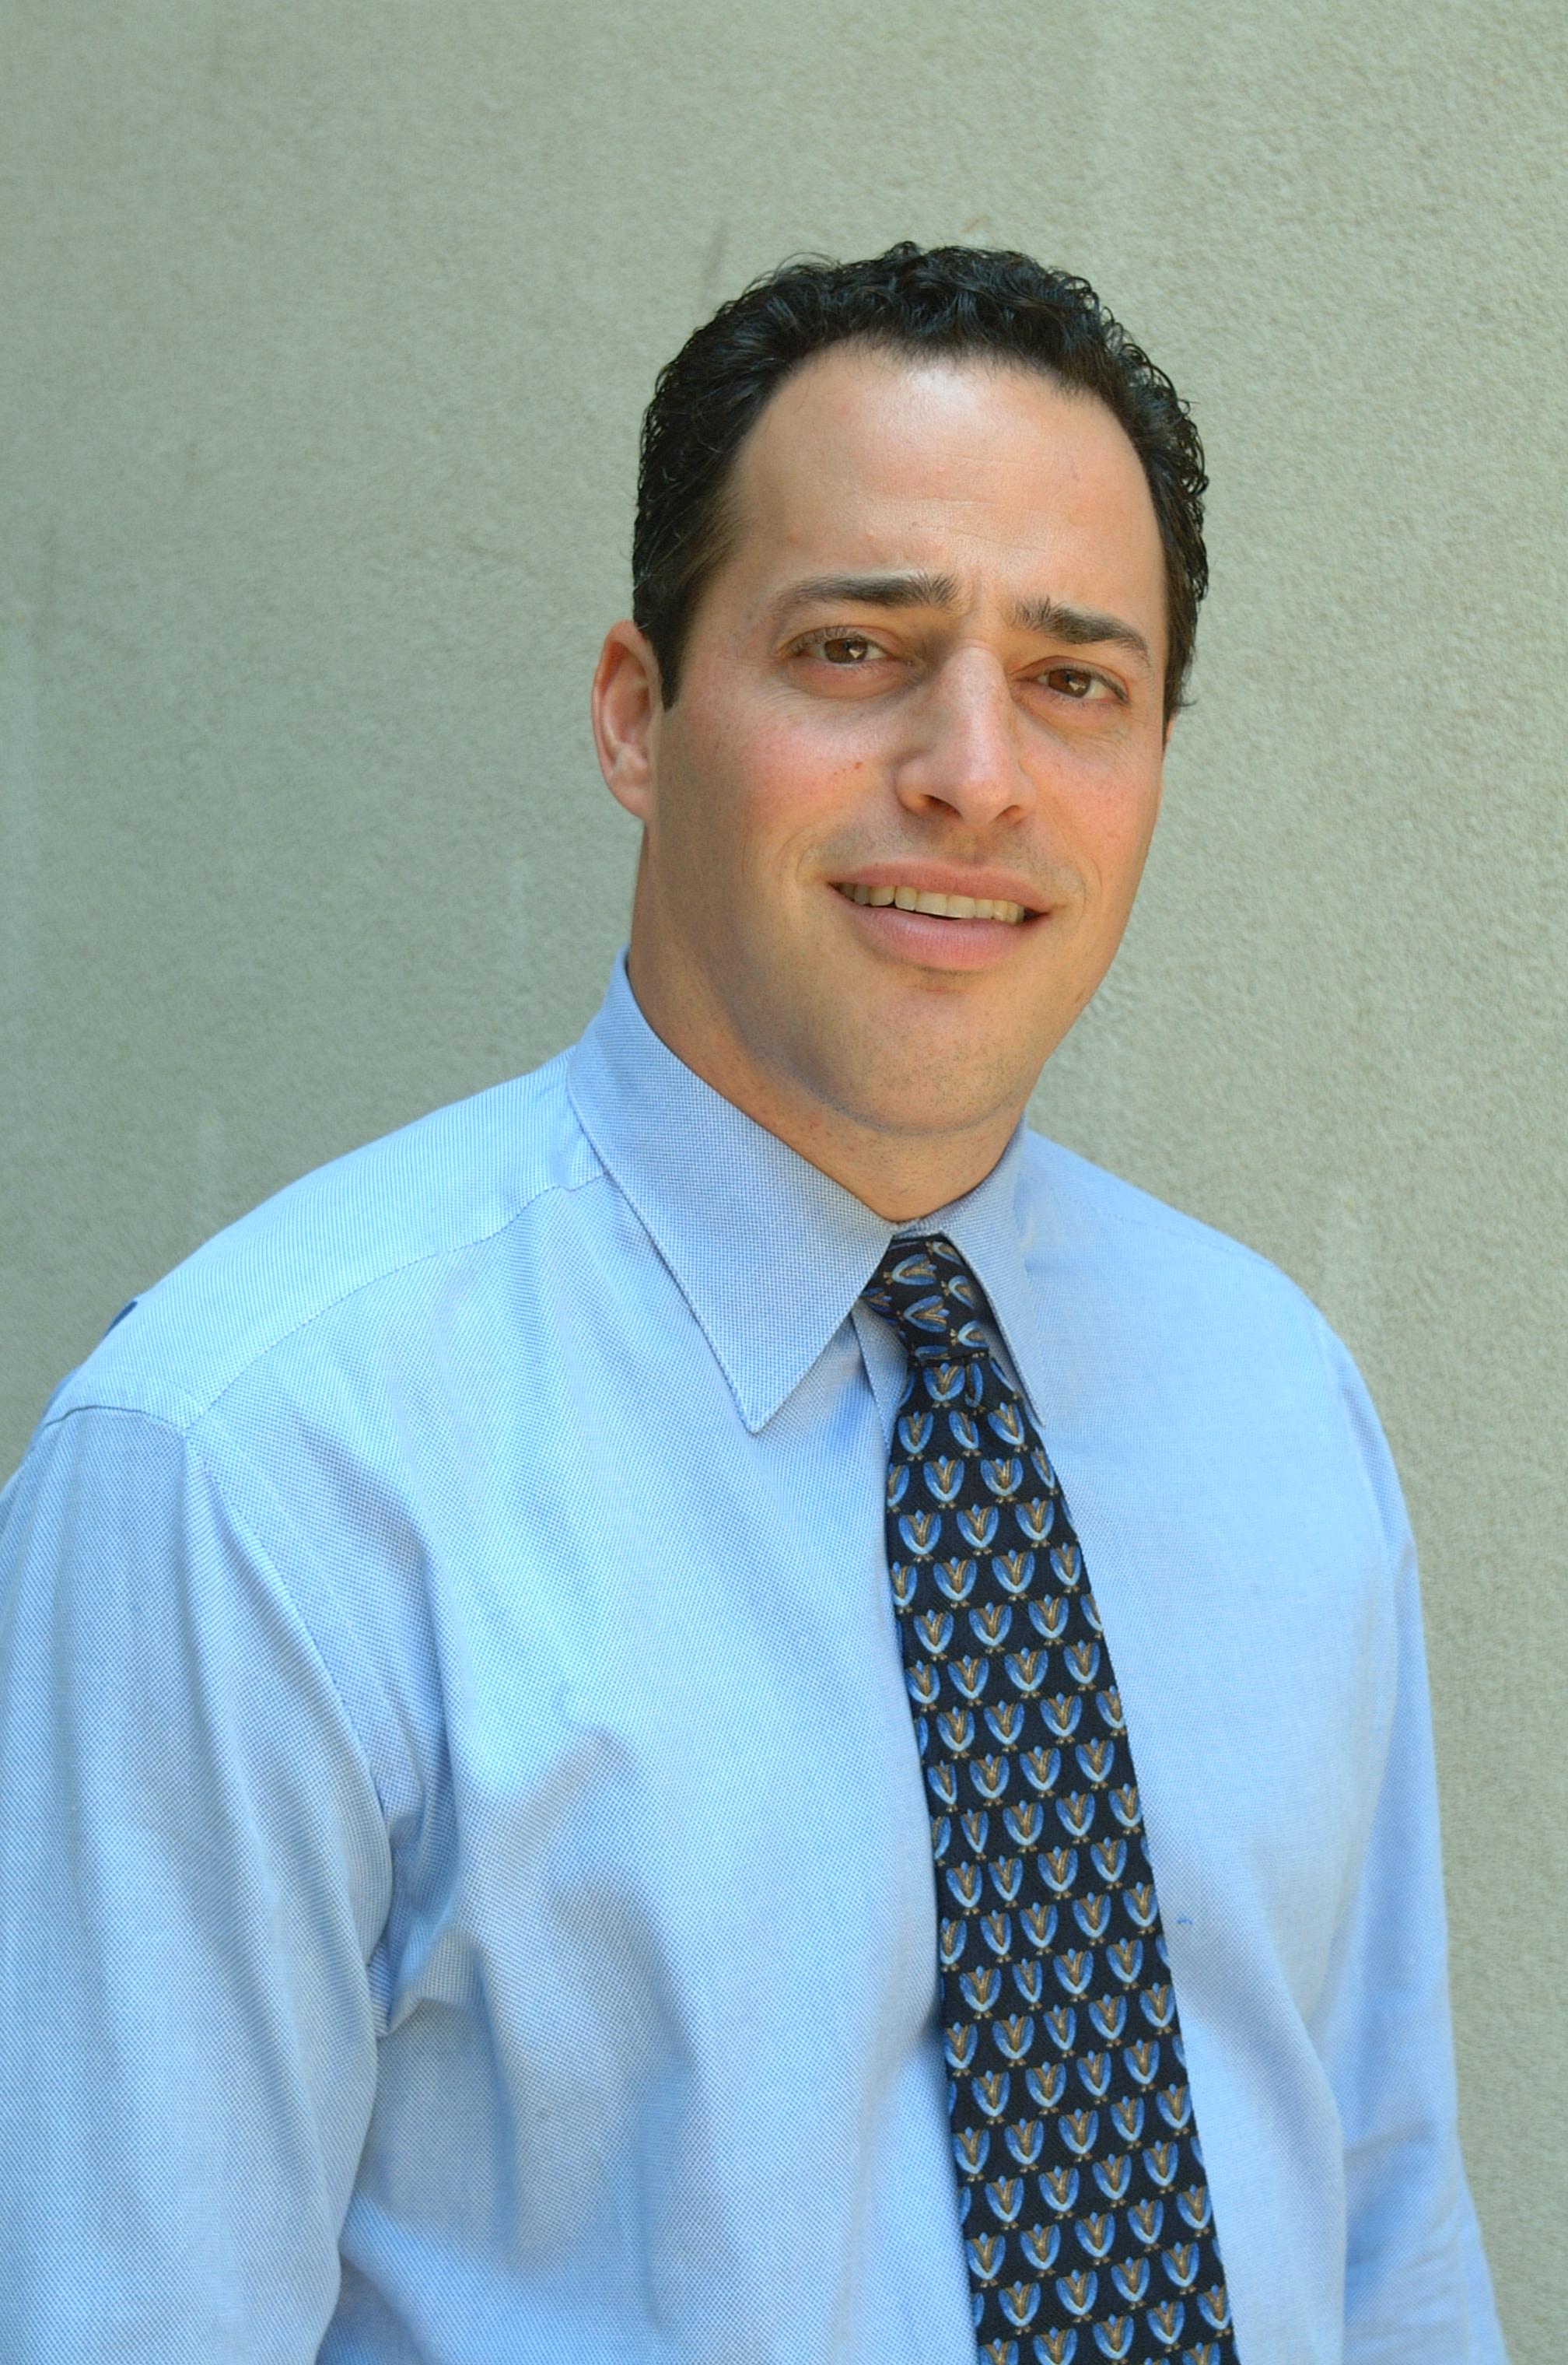 Jeffrey Shavitz